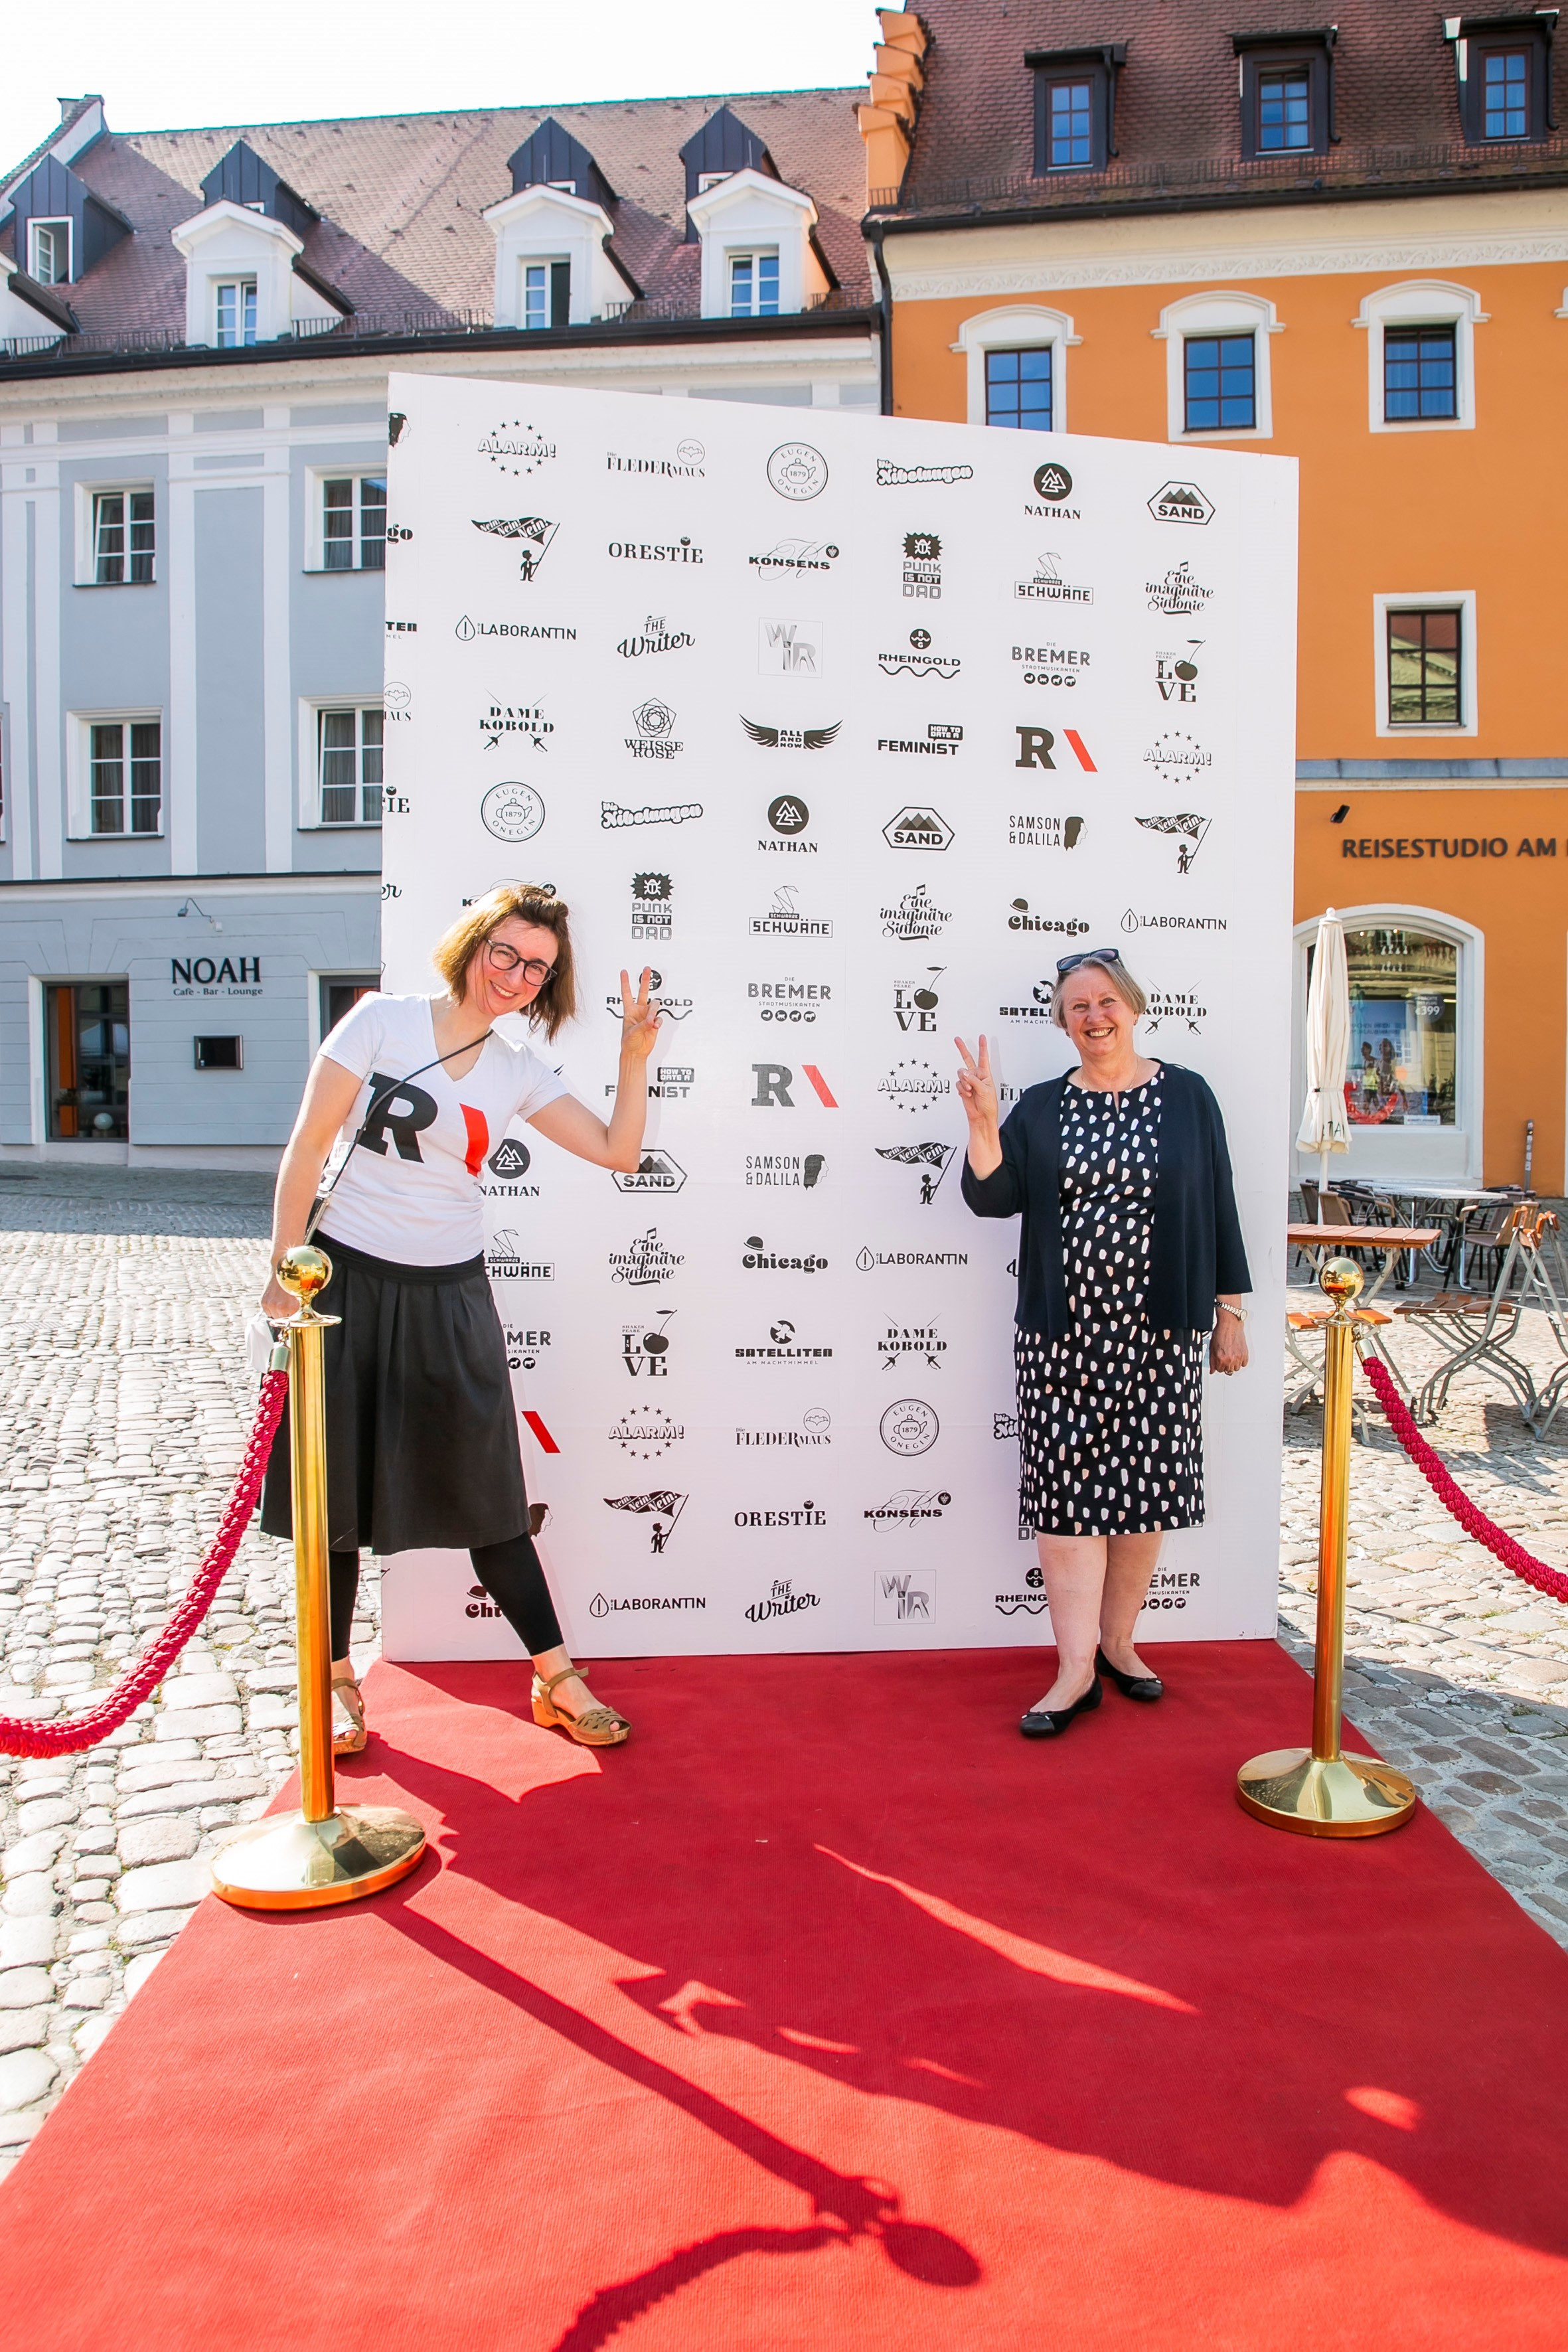 Willkommen in Regensburg - willkommen wieder im Theater!